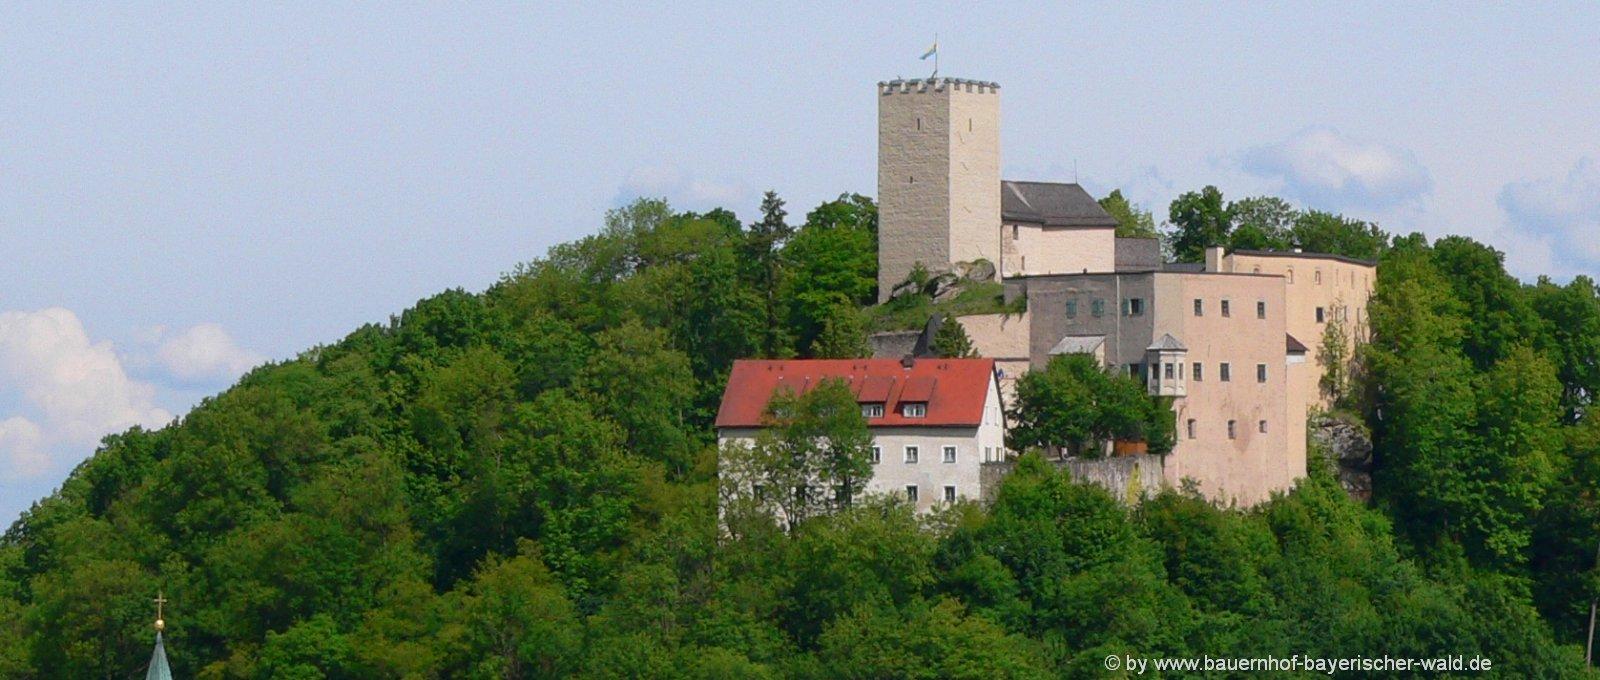 ausflugsziele bayerischer wald Sehenswuerdigkeiten Oberopfalz & Niederbayern